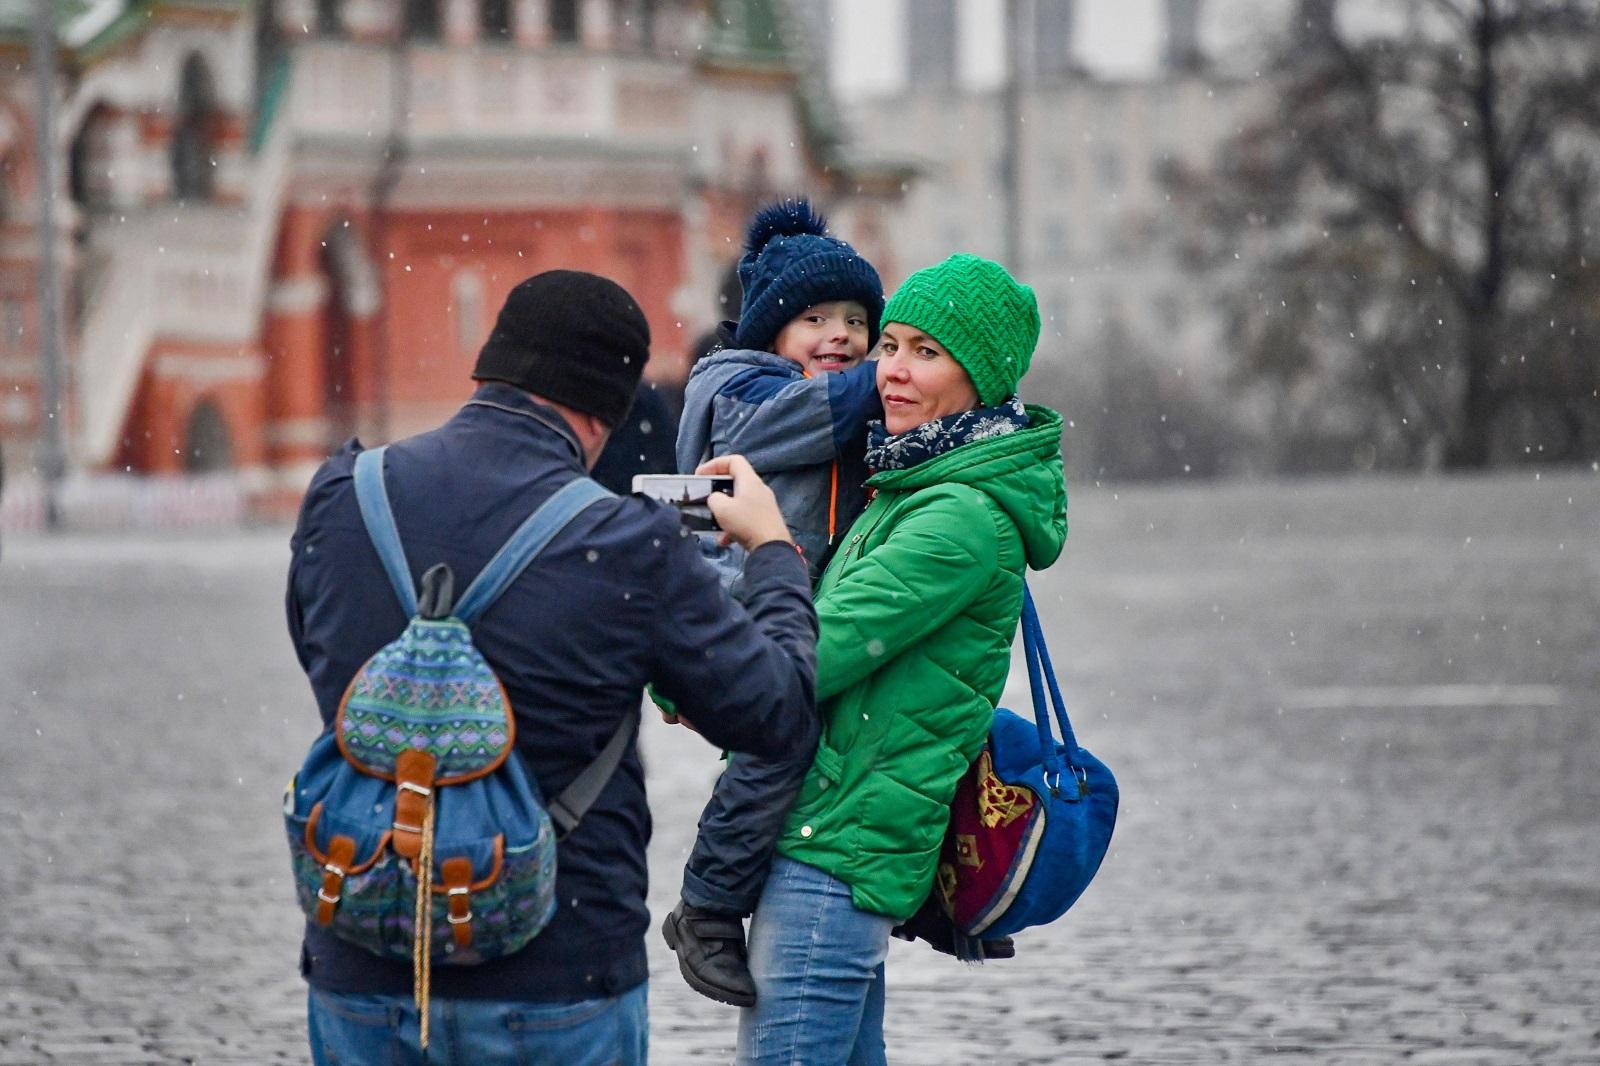 Сергей Собянин упростил порядок получения социальных выплат семьям с детьми